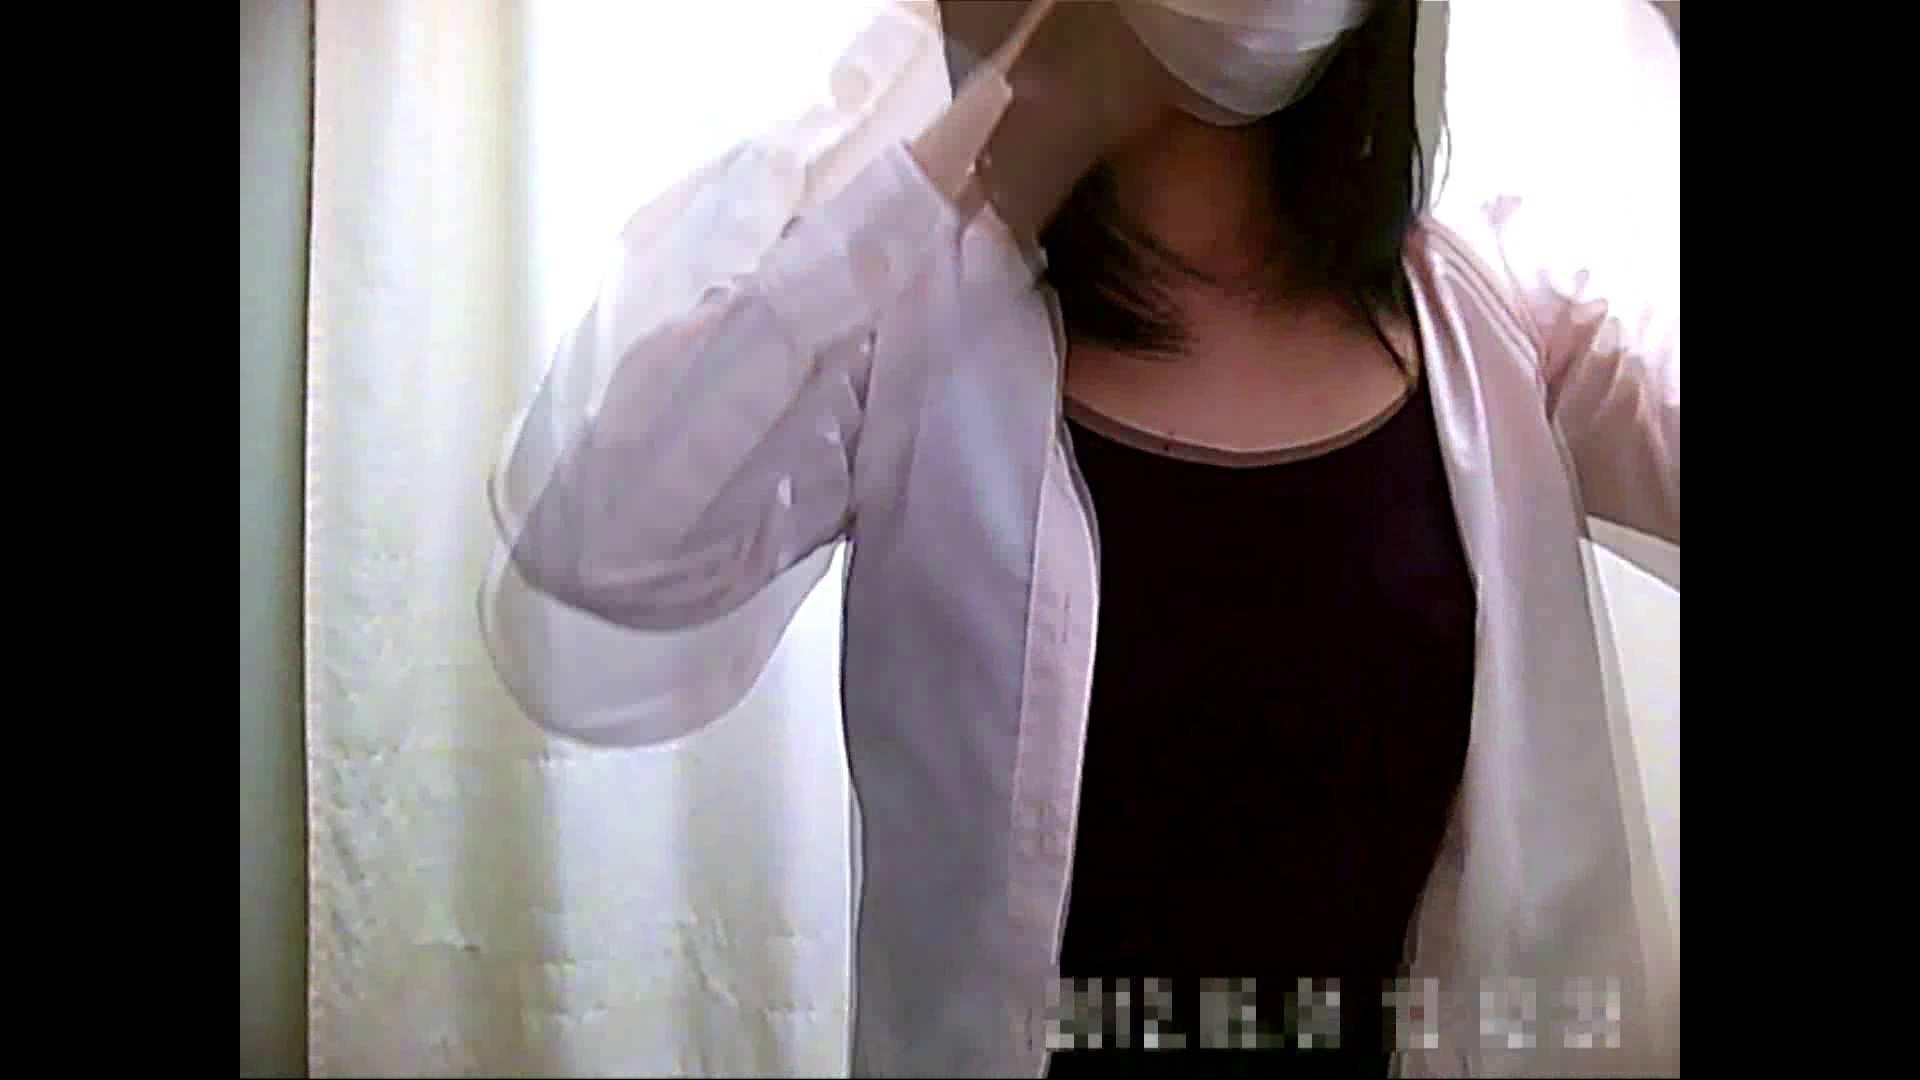 元医者による反抗 更衣室地獄絵巻 vol.004 OL | 0  84連発 14